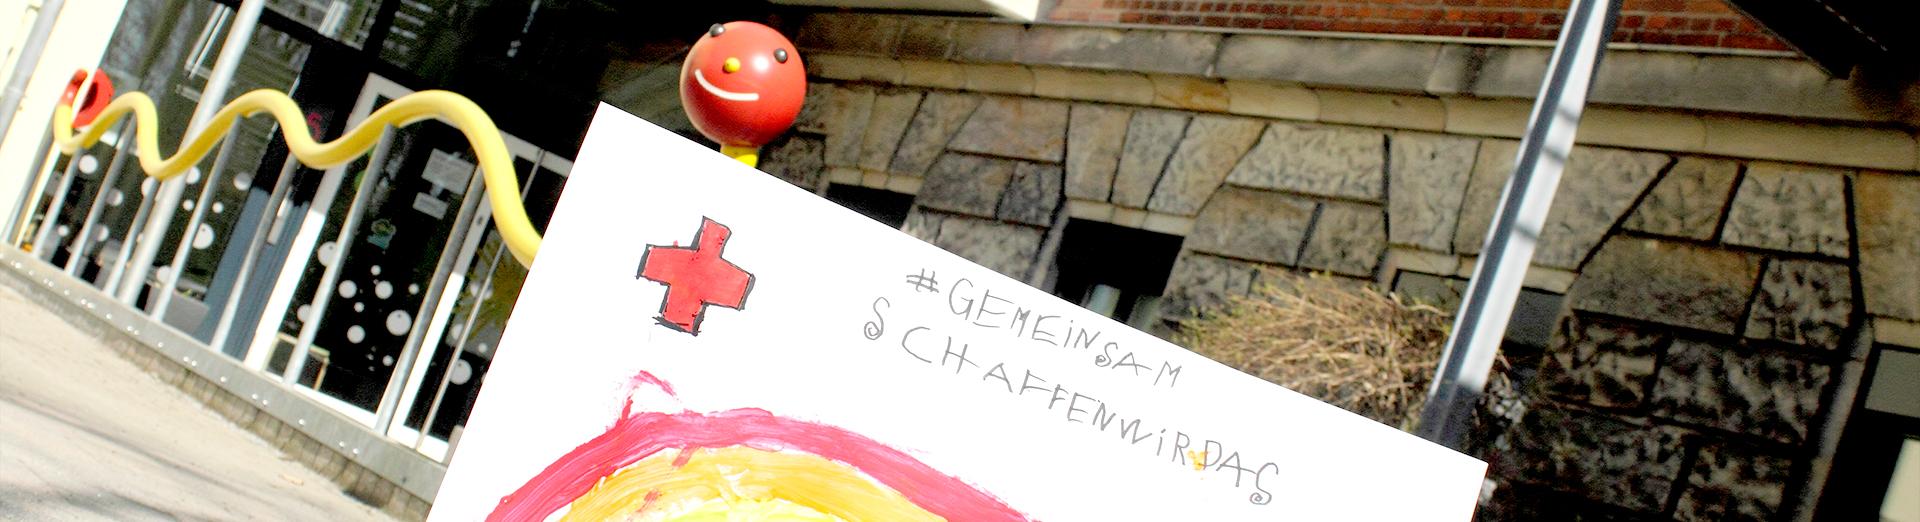 """Regenbogen mit dem Text """"#Gemeinsamschaffenwirdas"""" vor dem BRK-Kinderhaus Eingang"""